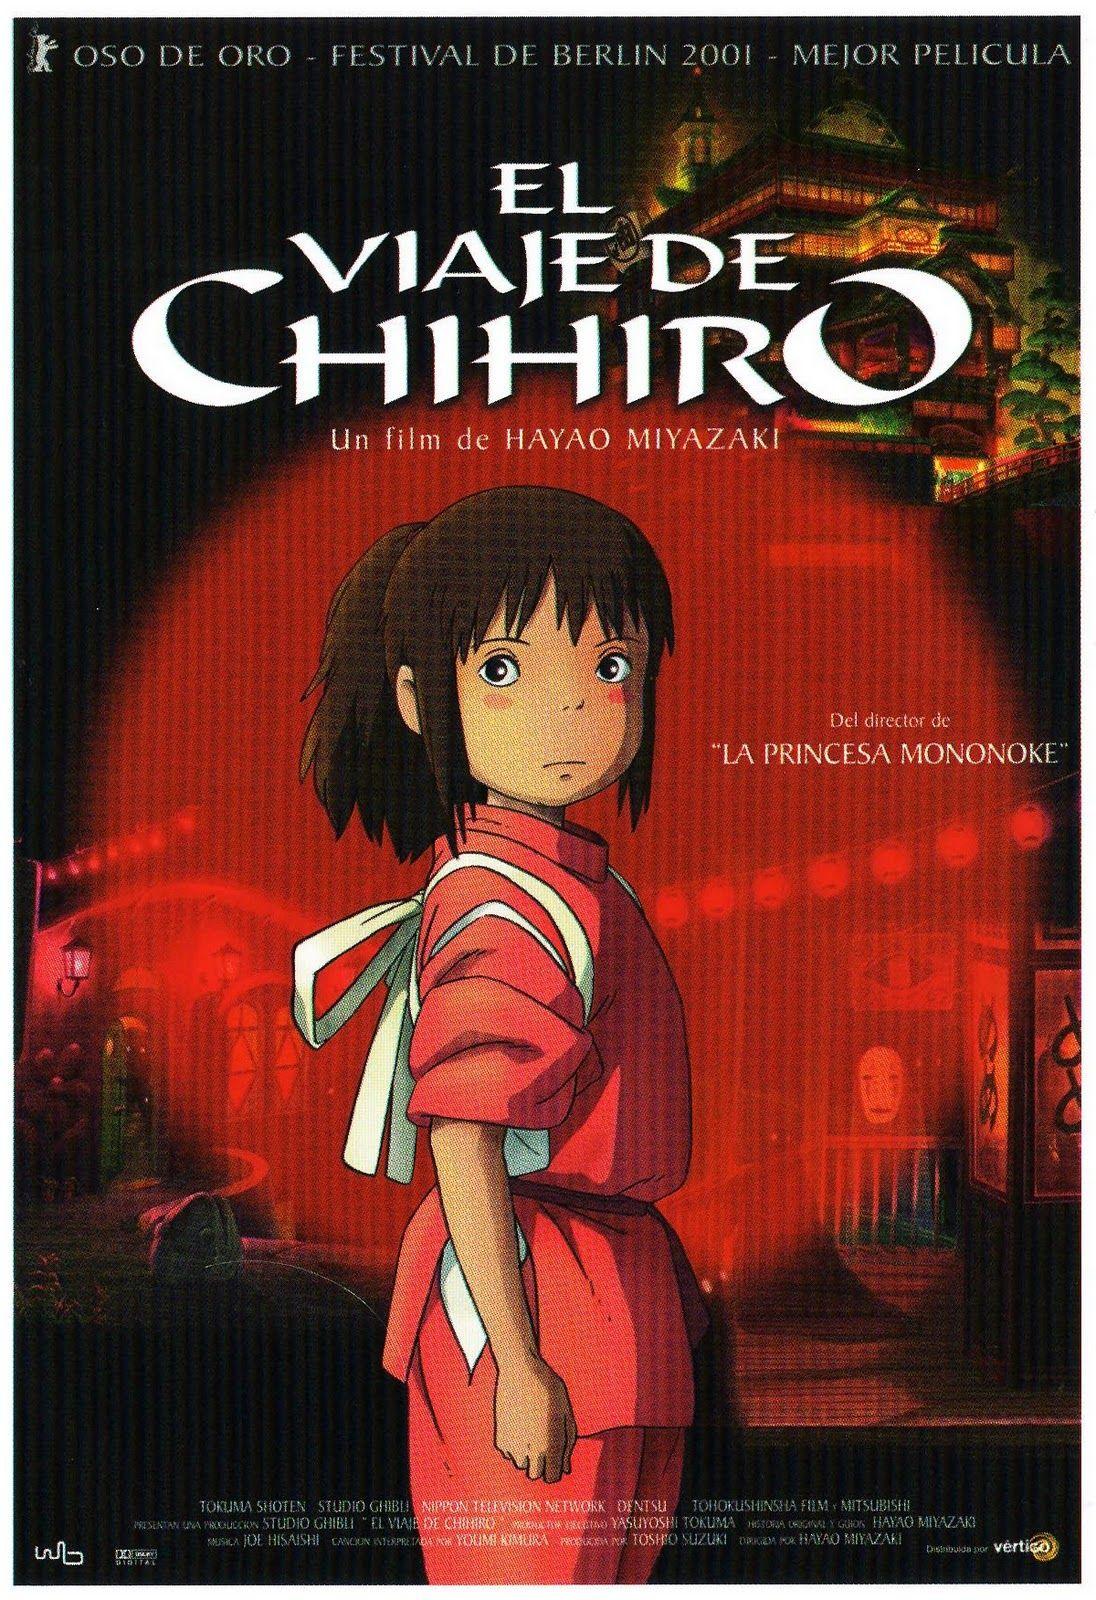 El viaje de Chihiro Anime movies, Spirited away movie